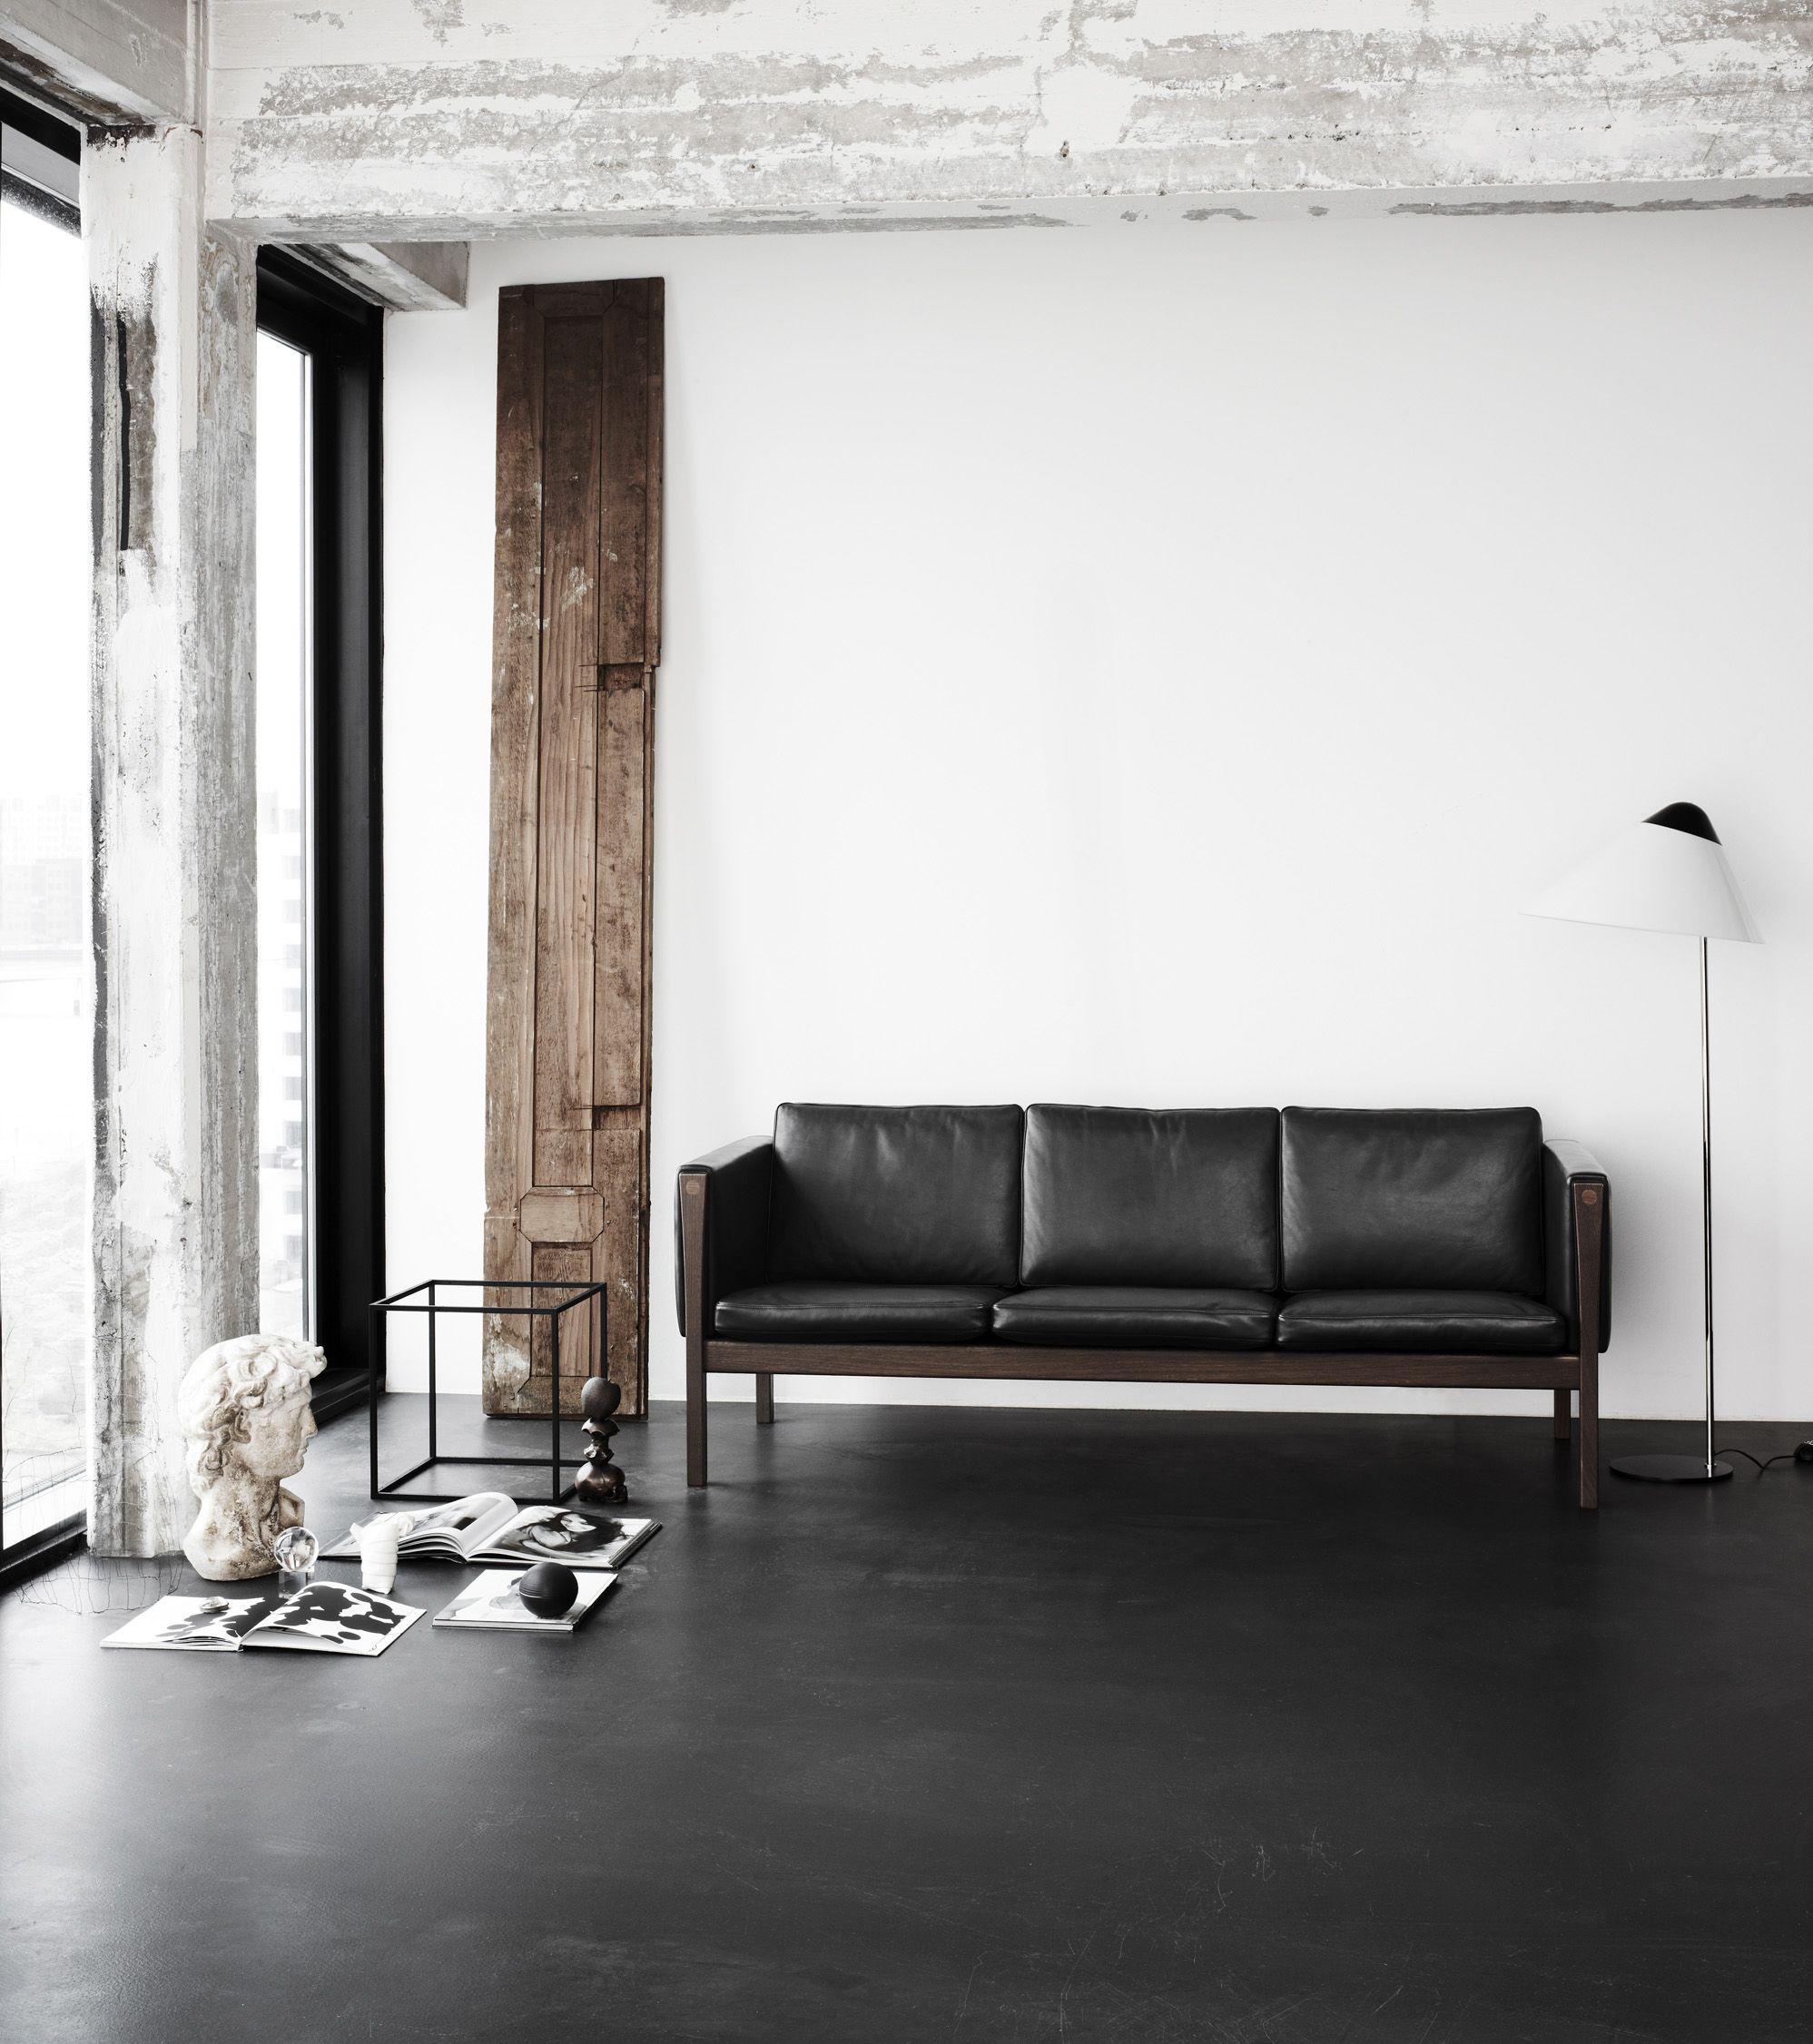 Pin de Henzer India en Interiors | Pinterest | Interiores, Recibidor ...